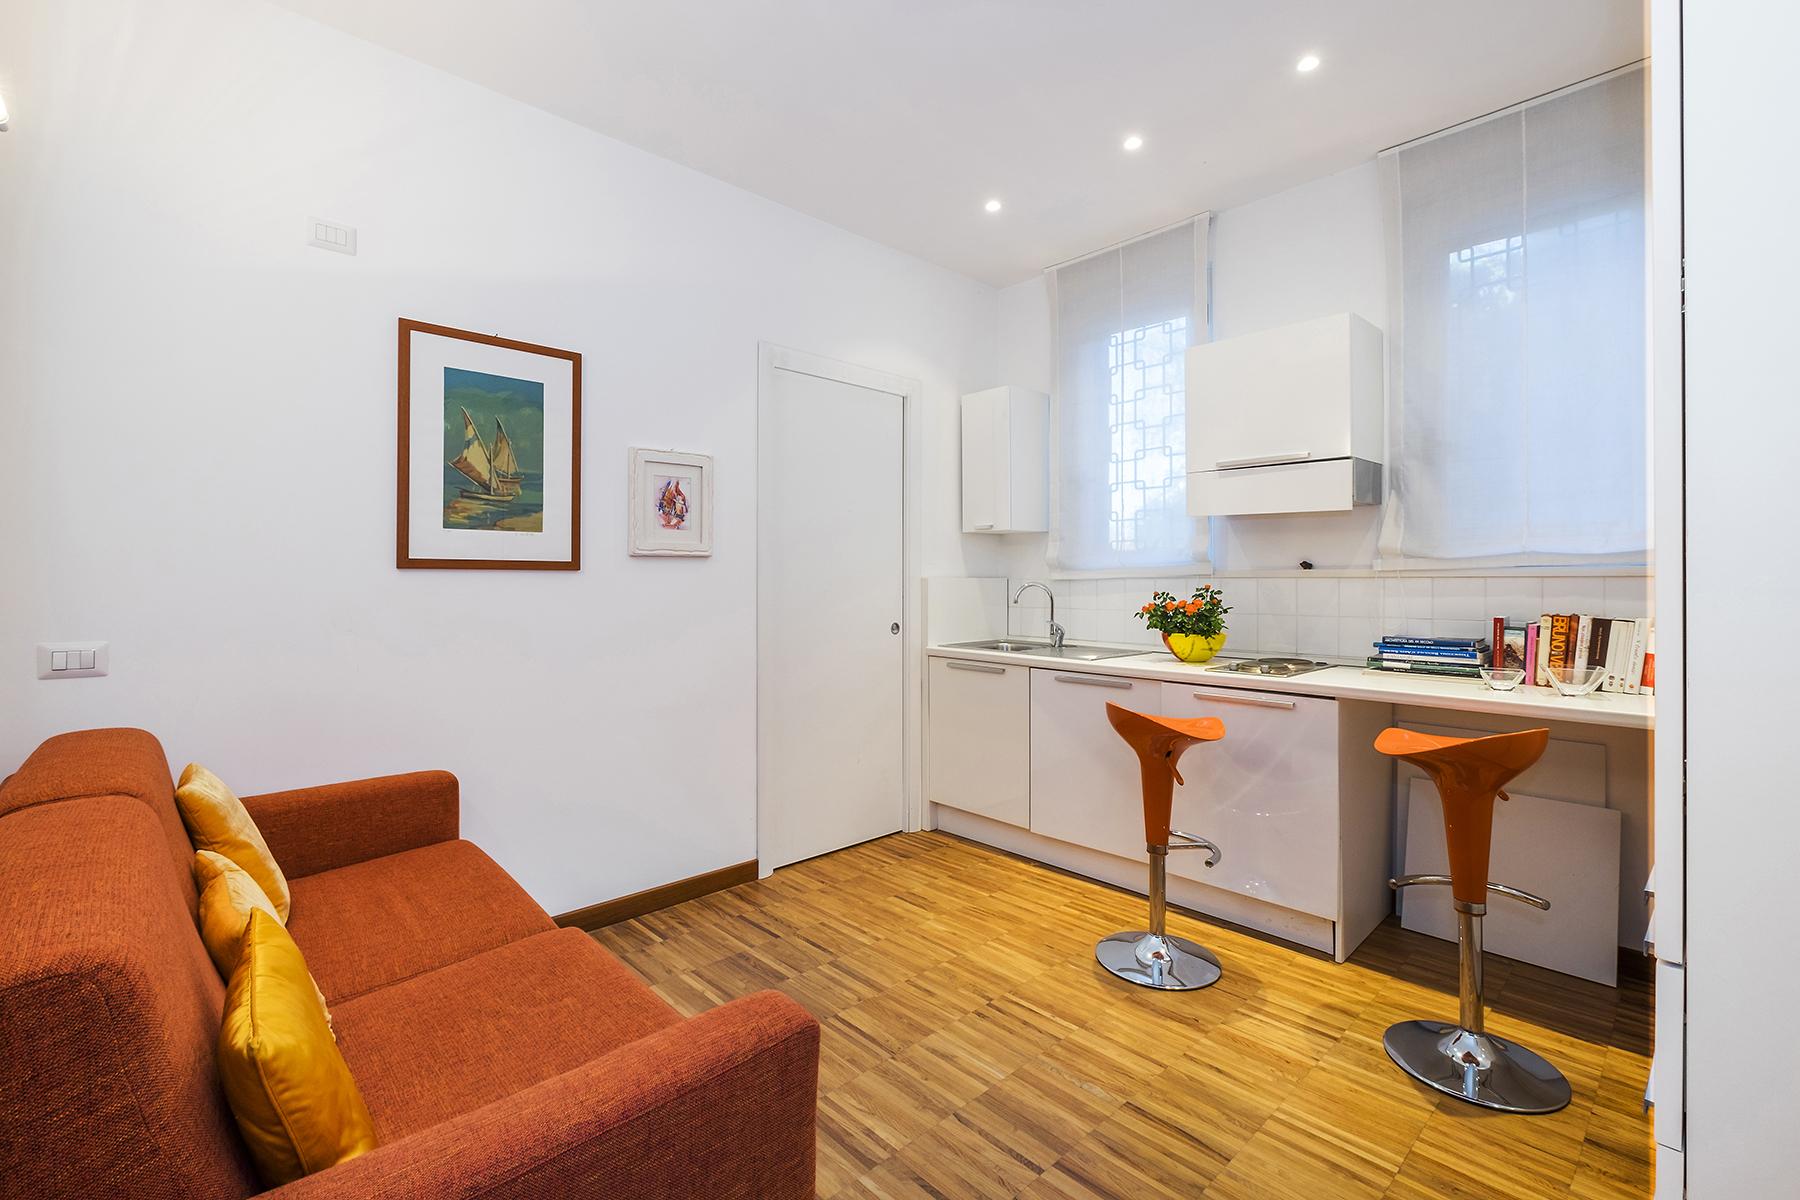 Appartamento in Vendita a Roma: 1 locali, 25 mq - Foto 2